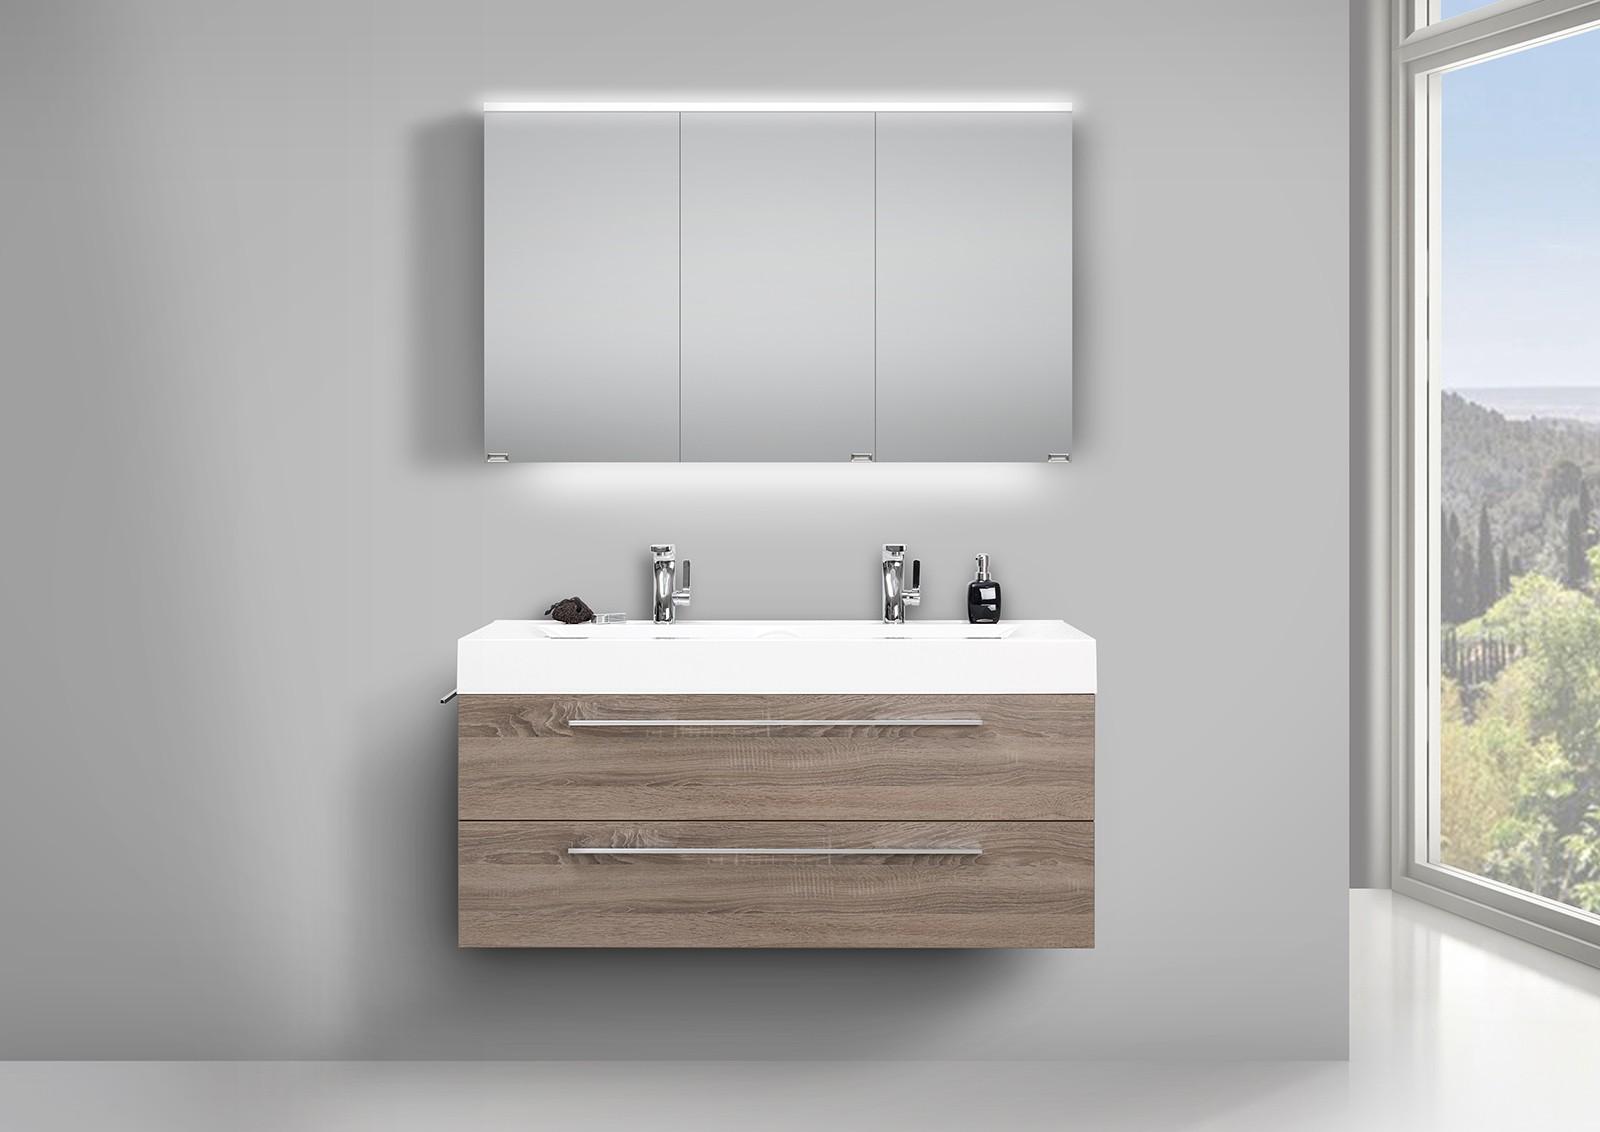 doppelwaschtisch unterschrank 120cm und led spiegelschrank doppelt verspiegelt. Black Bedroom Furniture Sets. Home Design Ideas